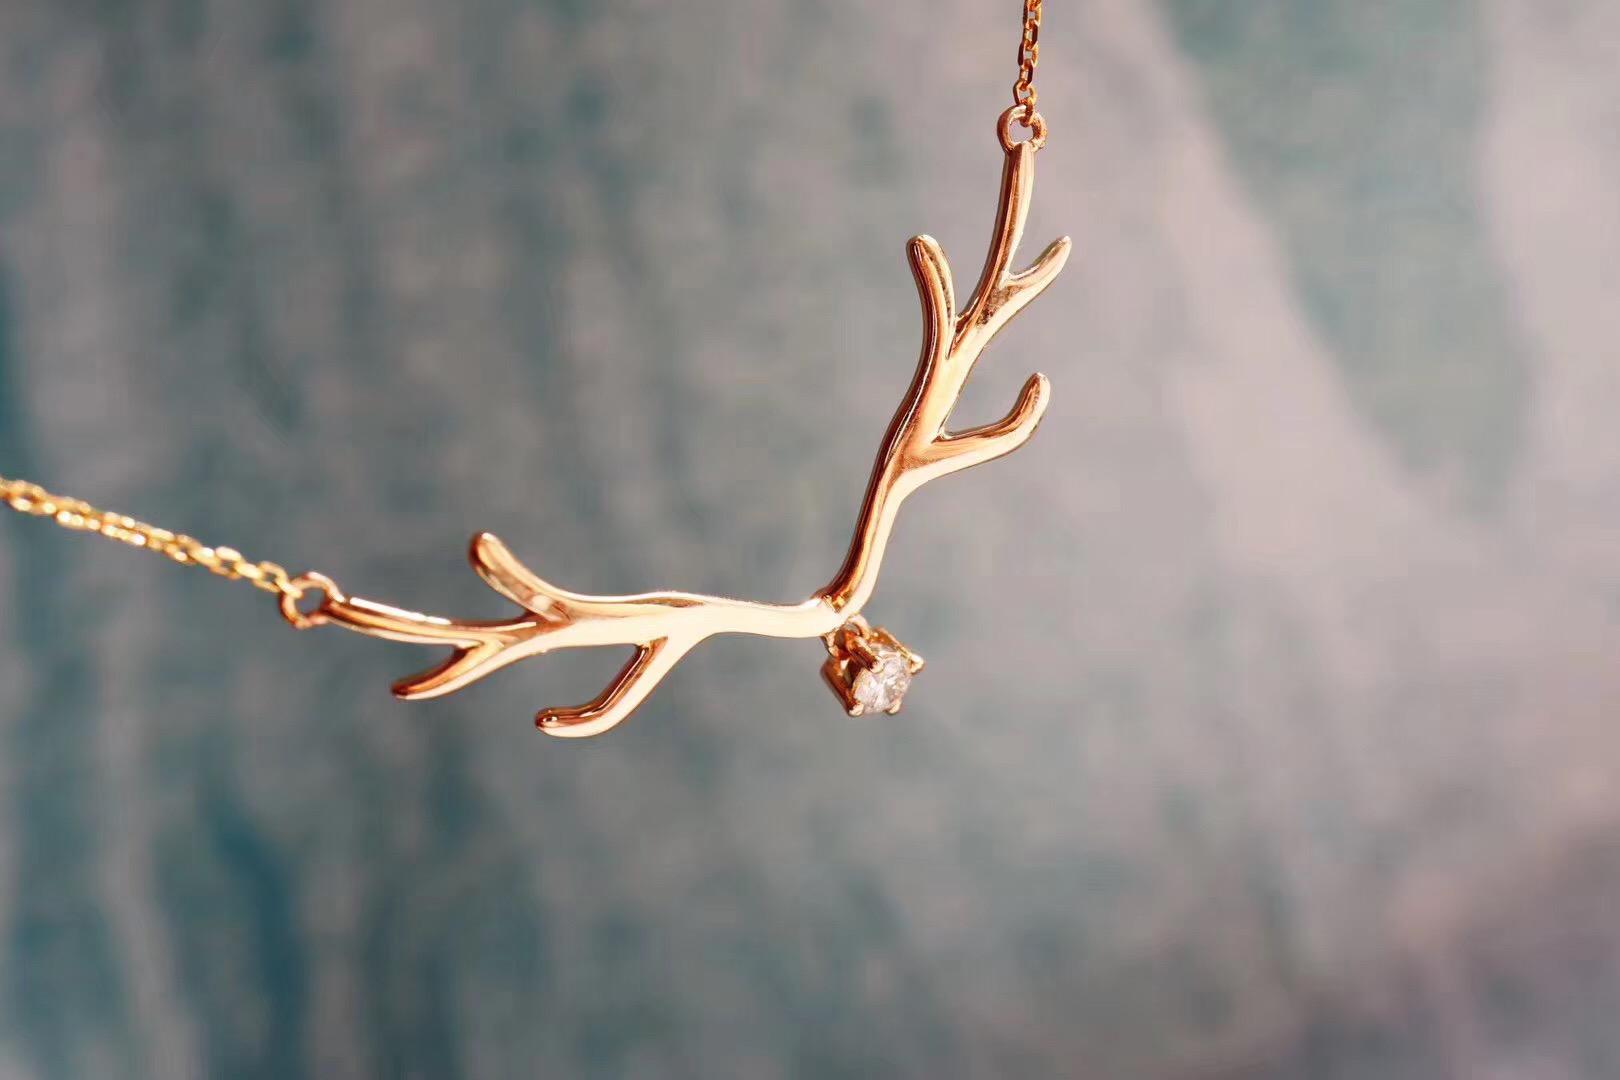 【钻石锁骨链&客订】妈咪送女儿的一路有你~感恩拥有-菩心晶舍